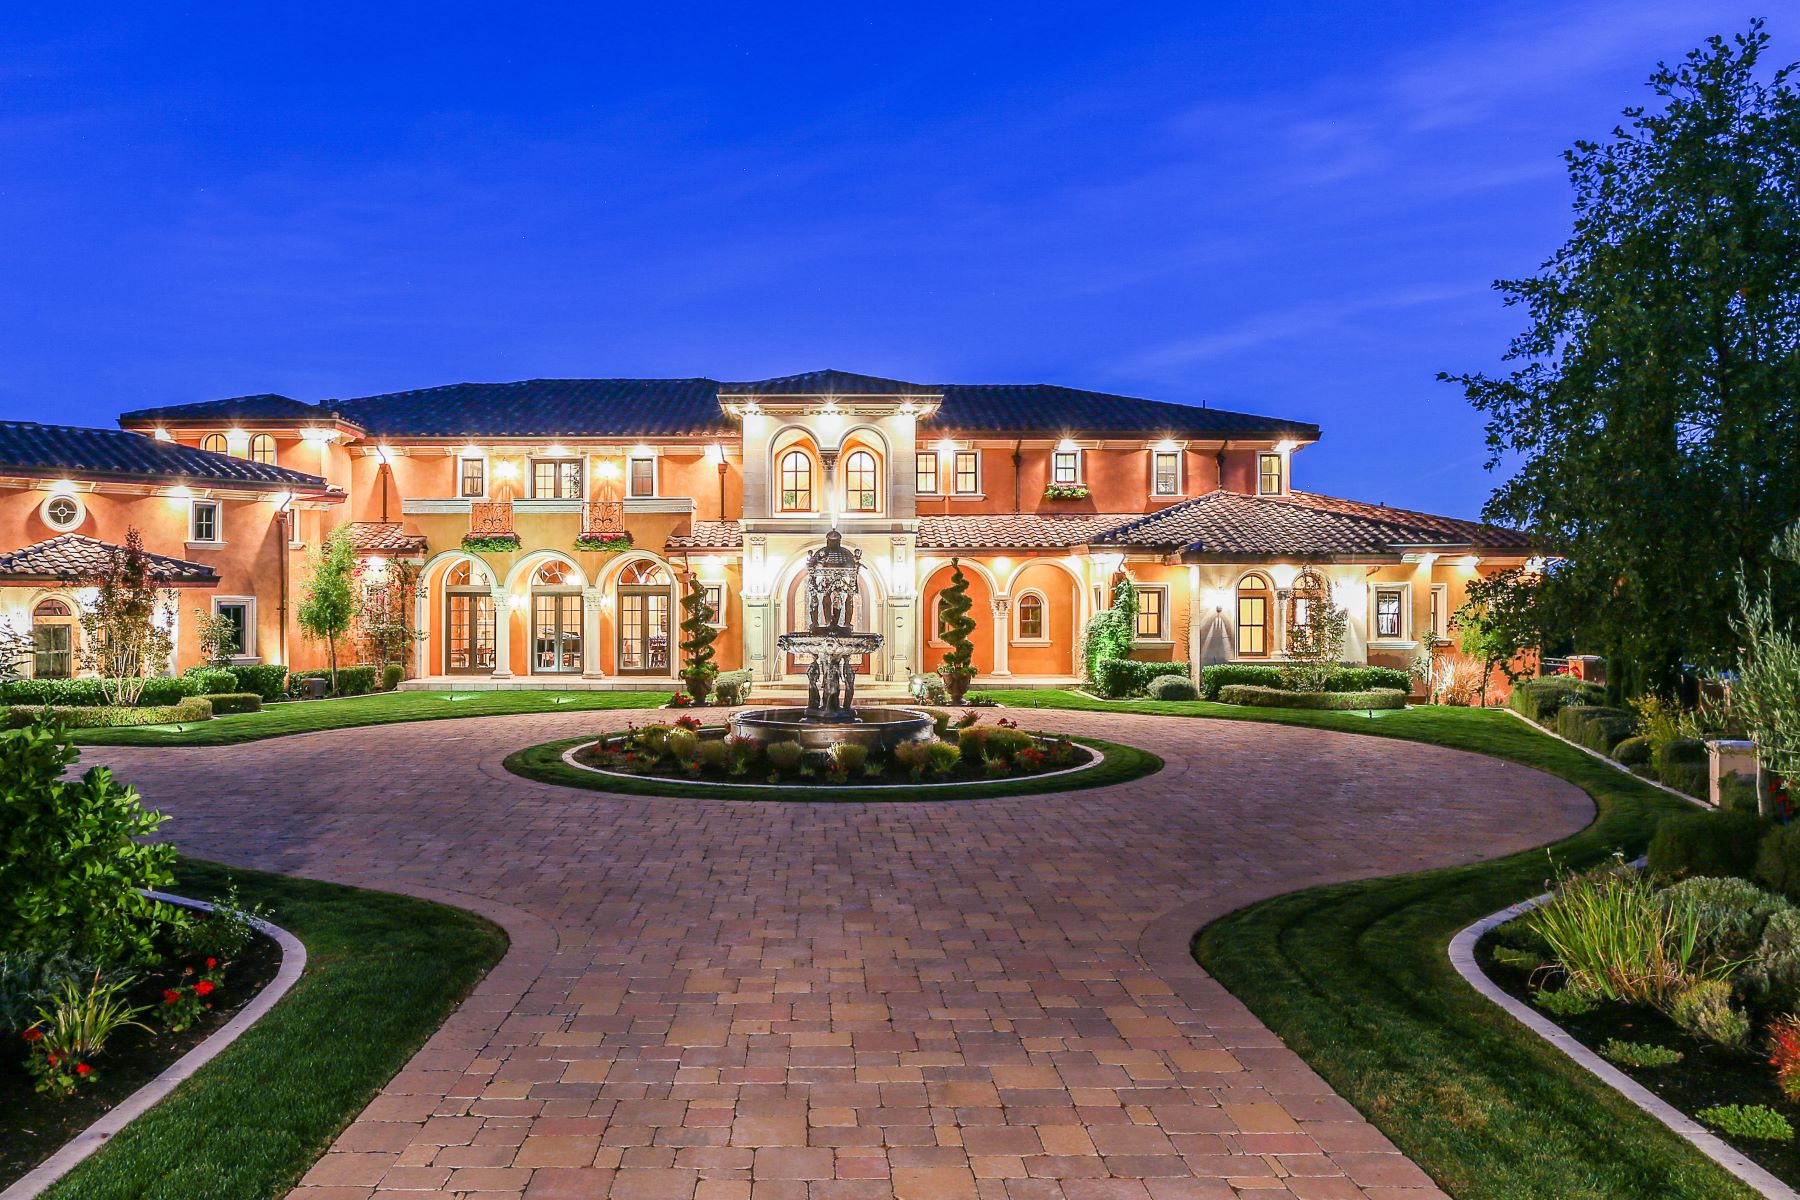 Частный односемейный дом для того Продажа на La Casa dei Angeli 228 South Ridge Court Danville, Калифорния 94506 Соединенные Штаты